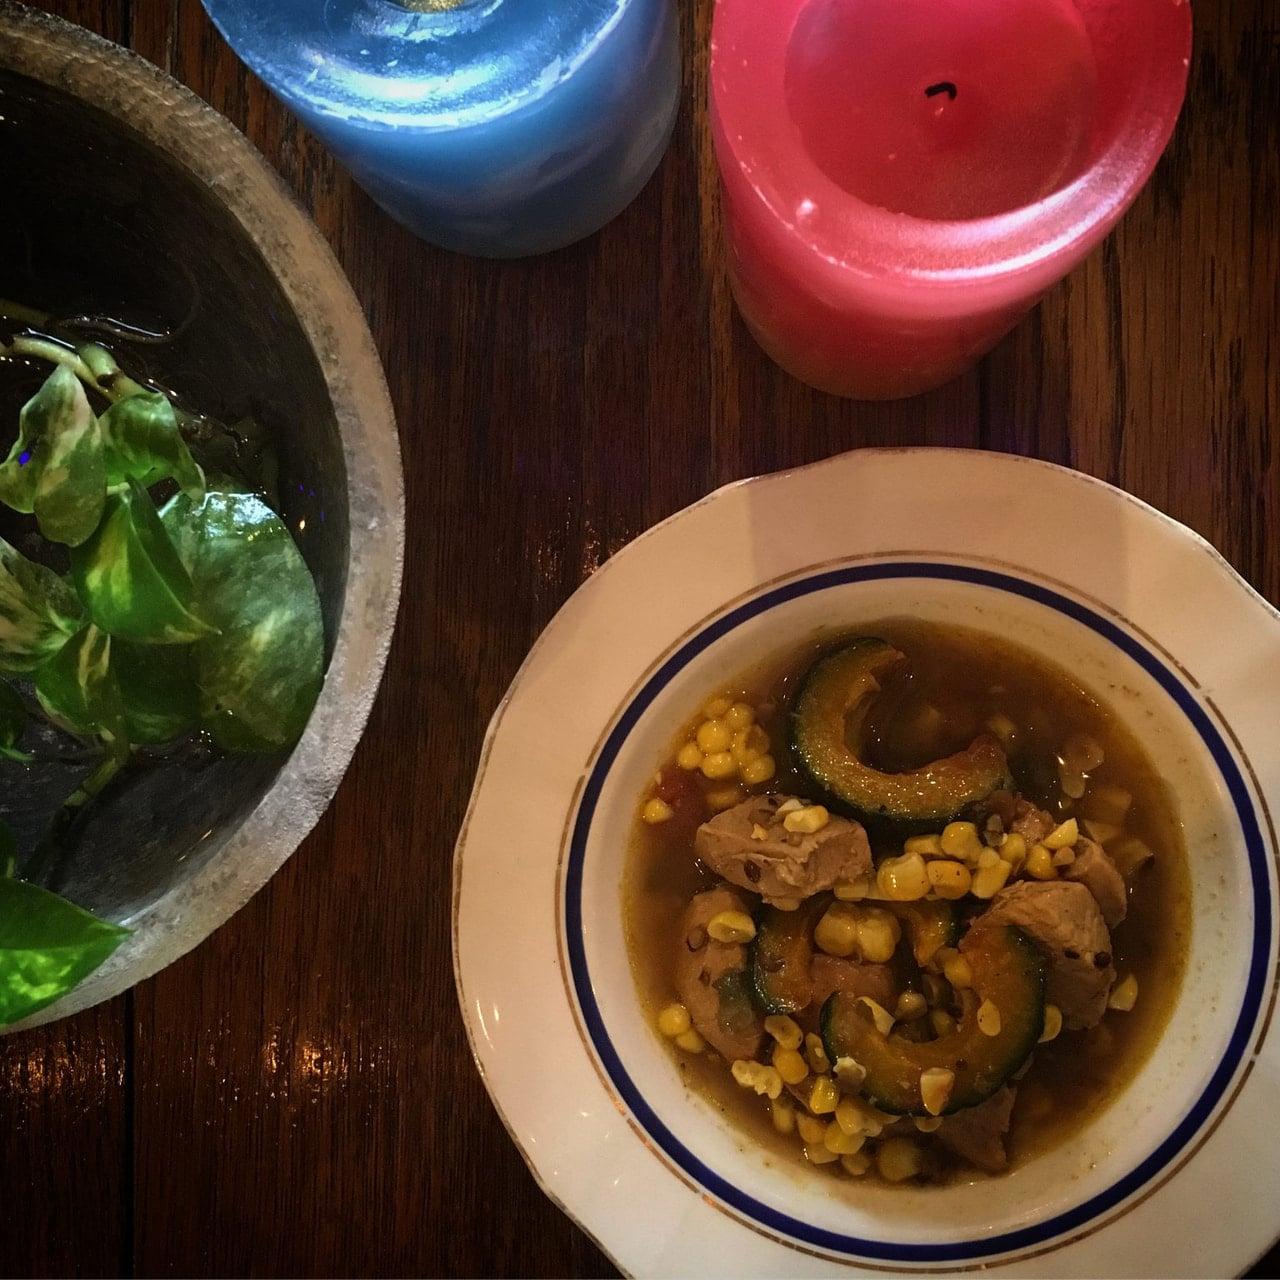 トウモロコシと南瓜のチキンカレー